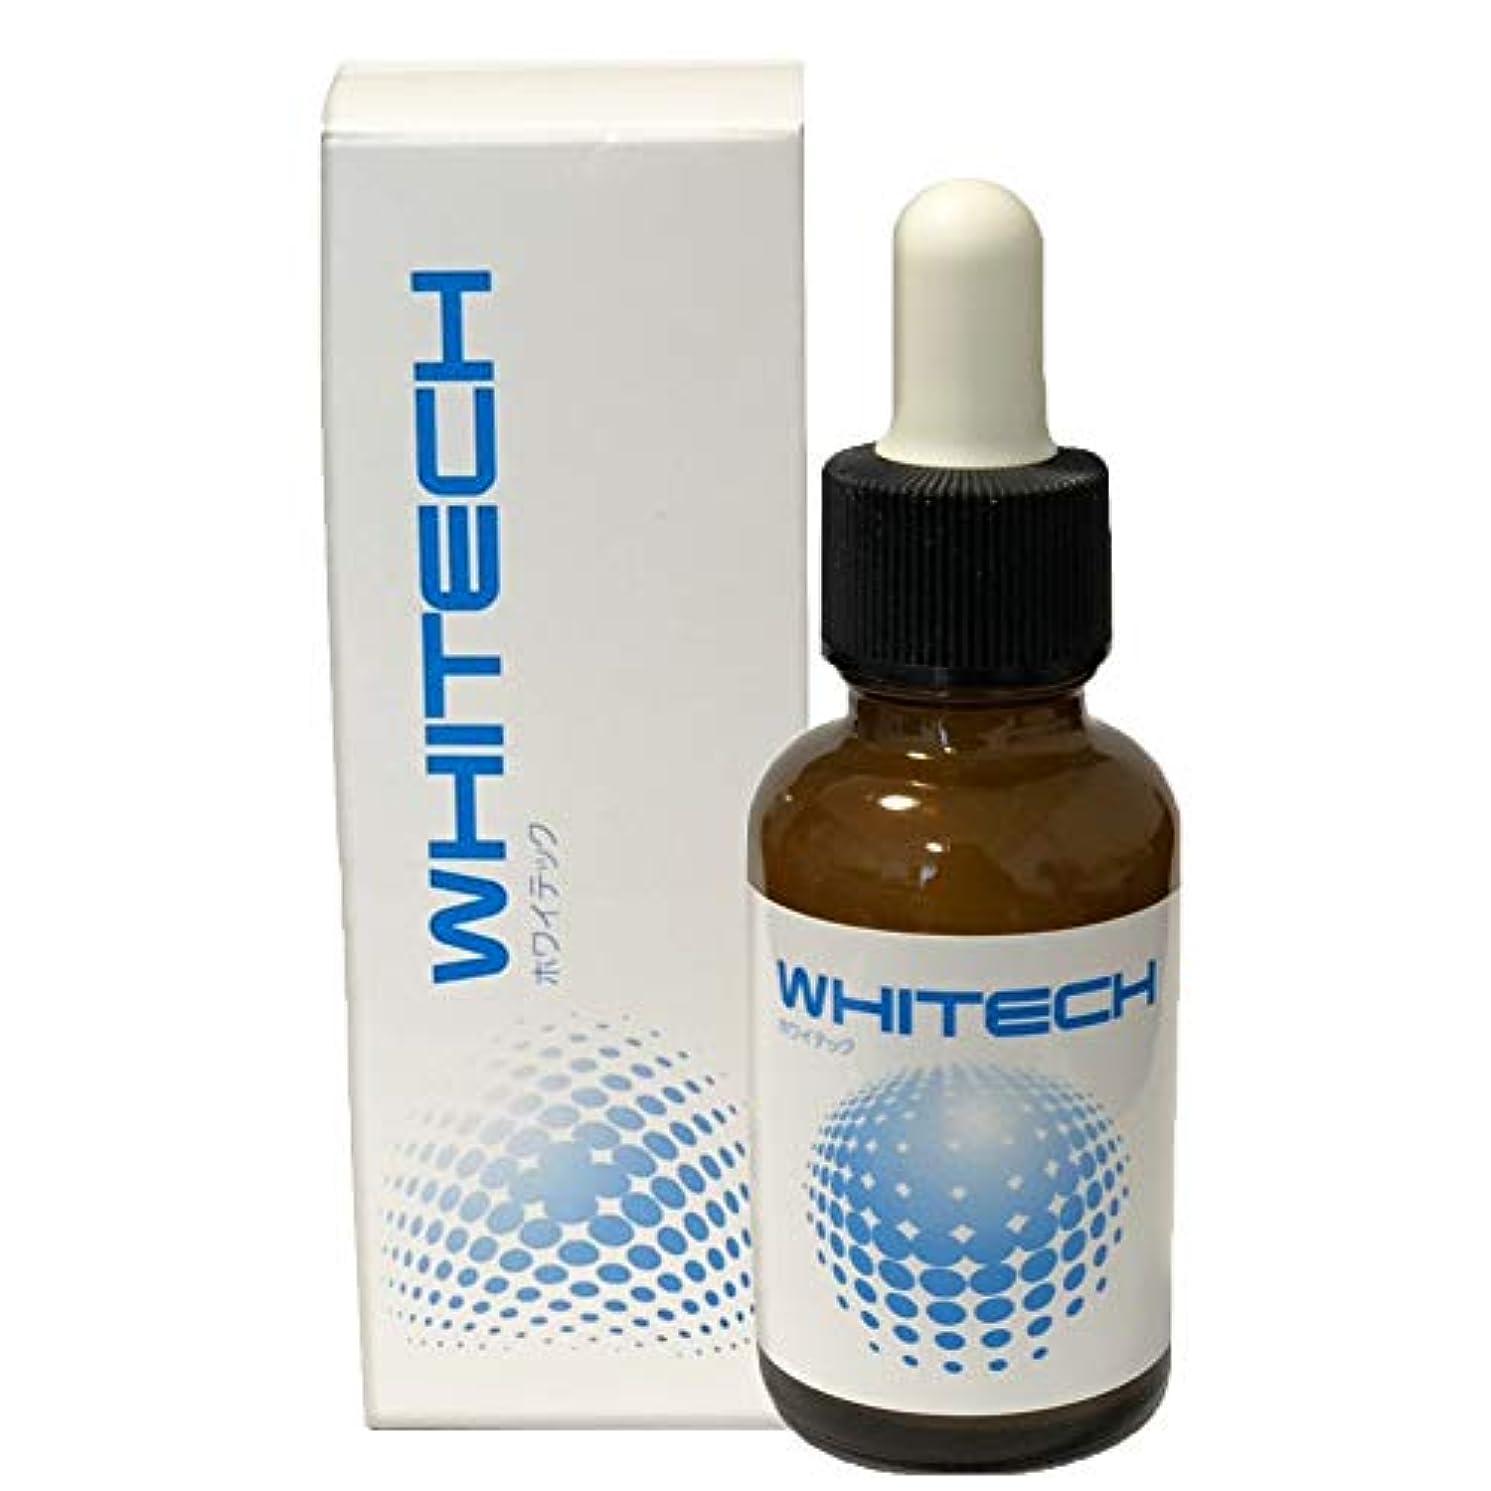 卒業主張する徐々に【医薬部外品】WHITECH -ホワイテック- 薬用ホワイトニングジェル 歯磨きジェル